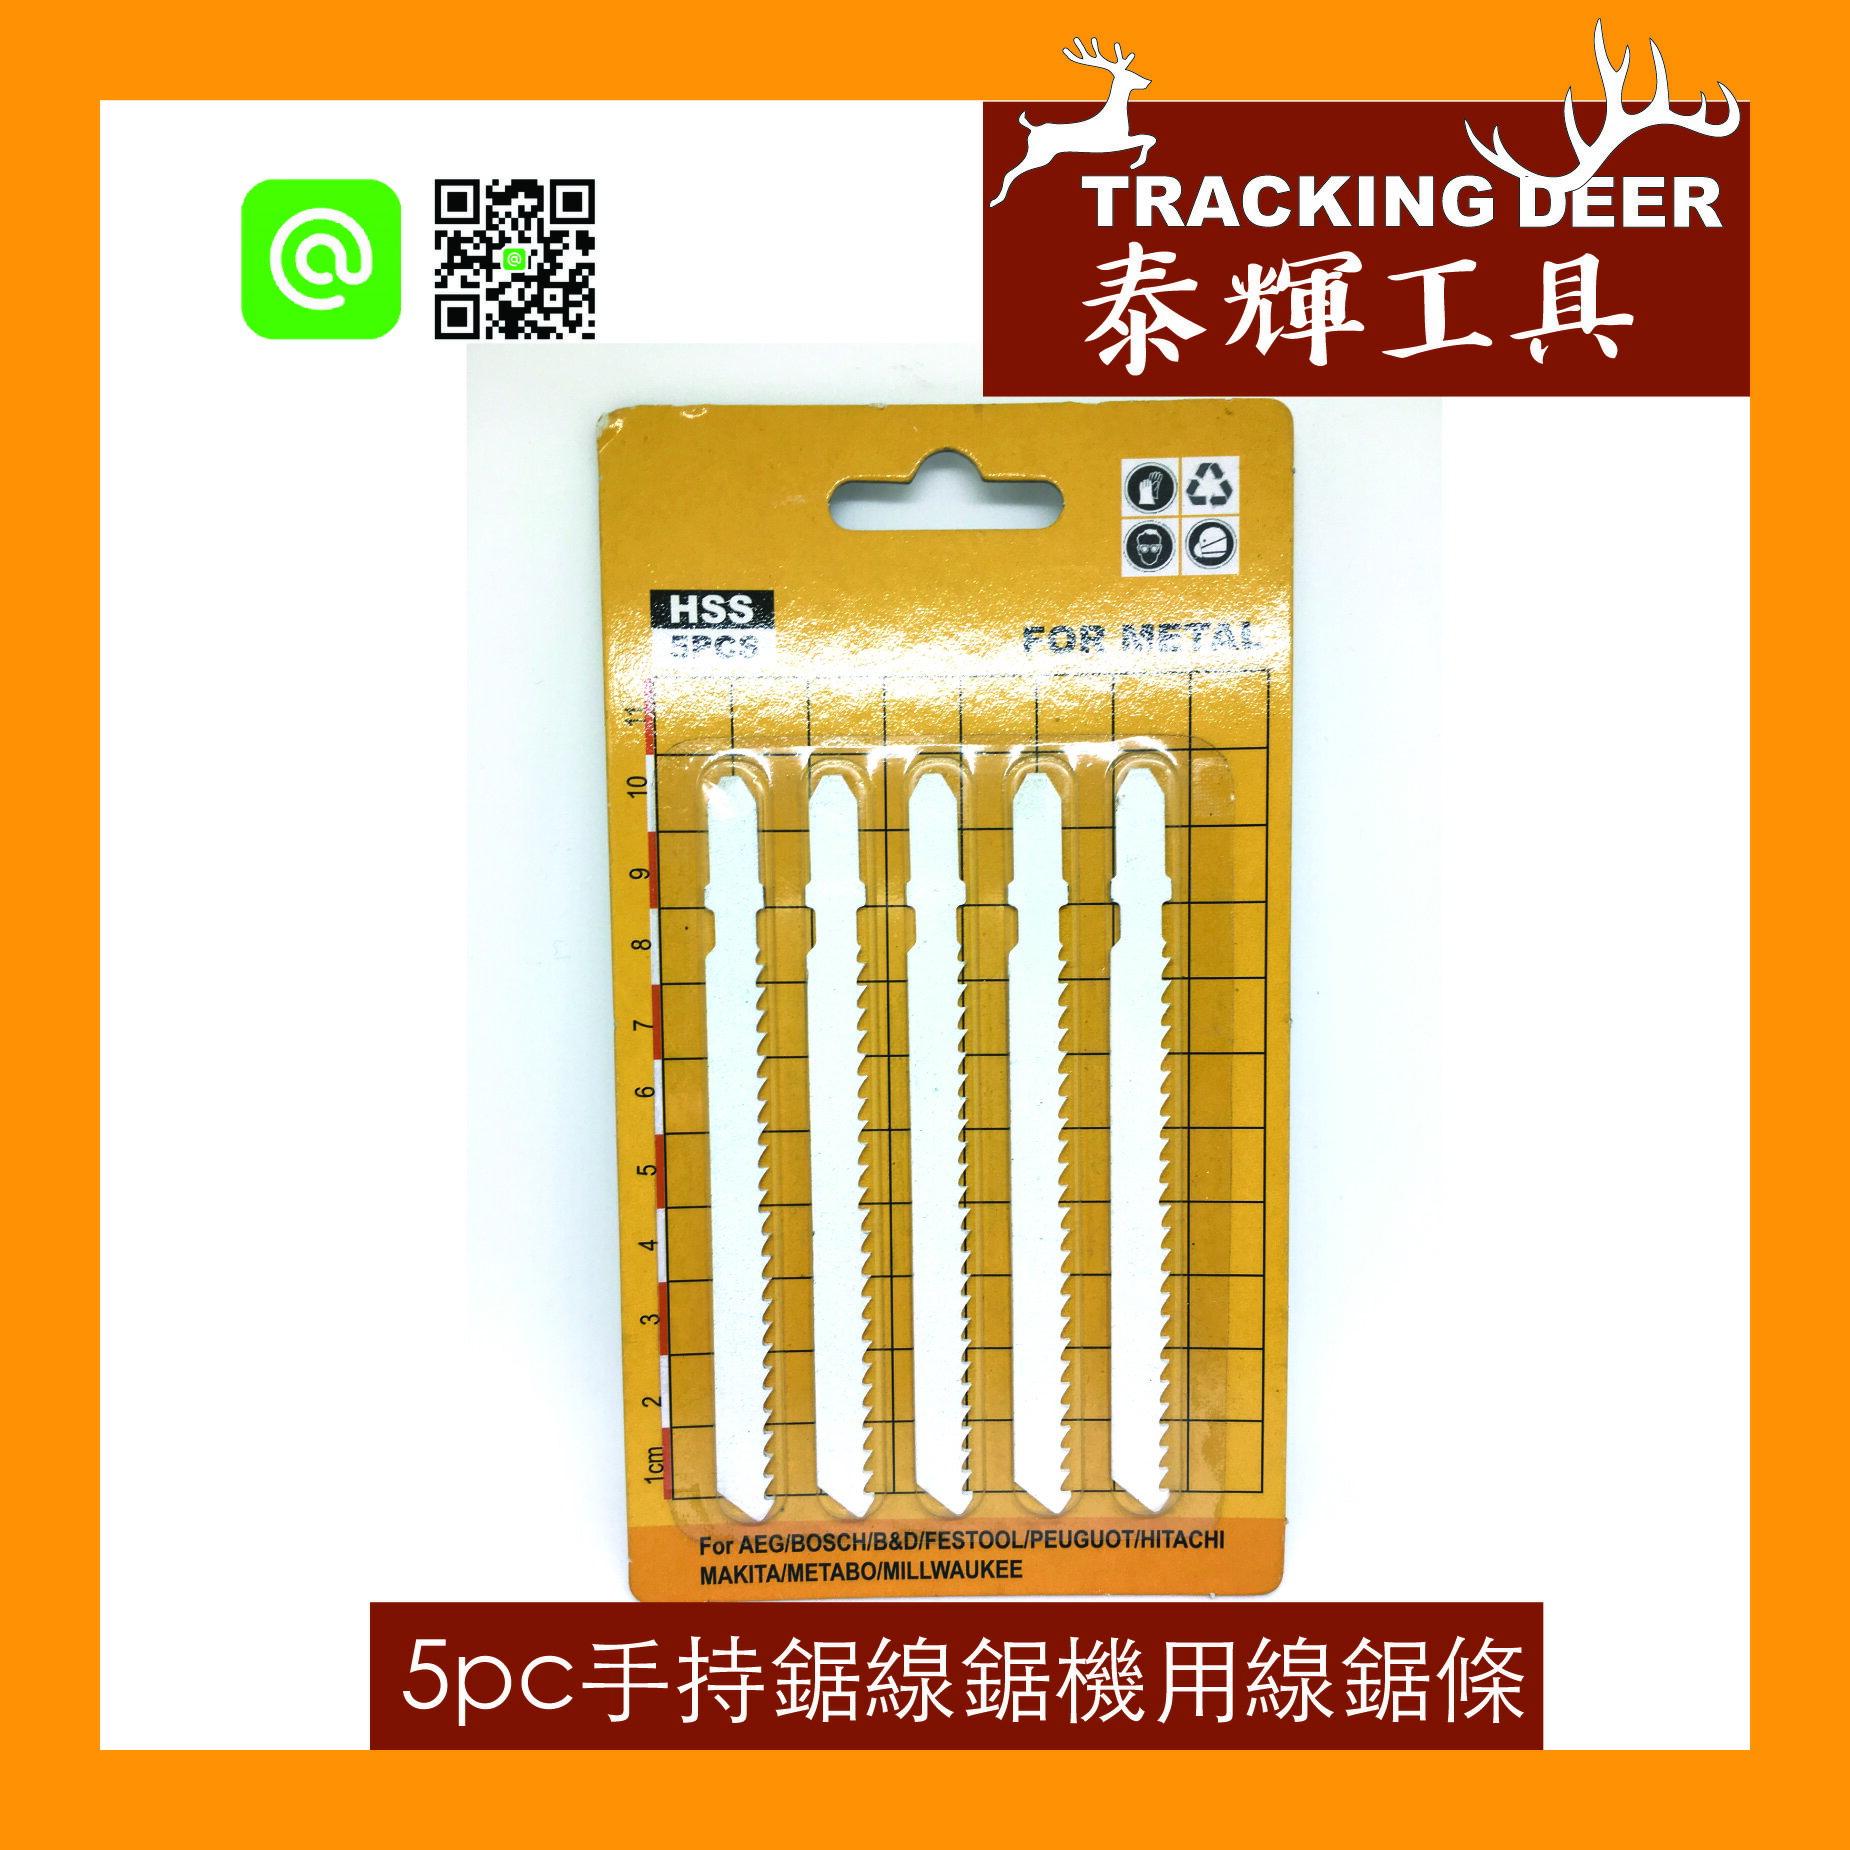 台灣製造 金工用 金屬用 Bosch規格【T127D】線鋸片 曲線鋸 手持線鋸機適用(5支/組)